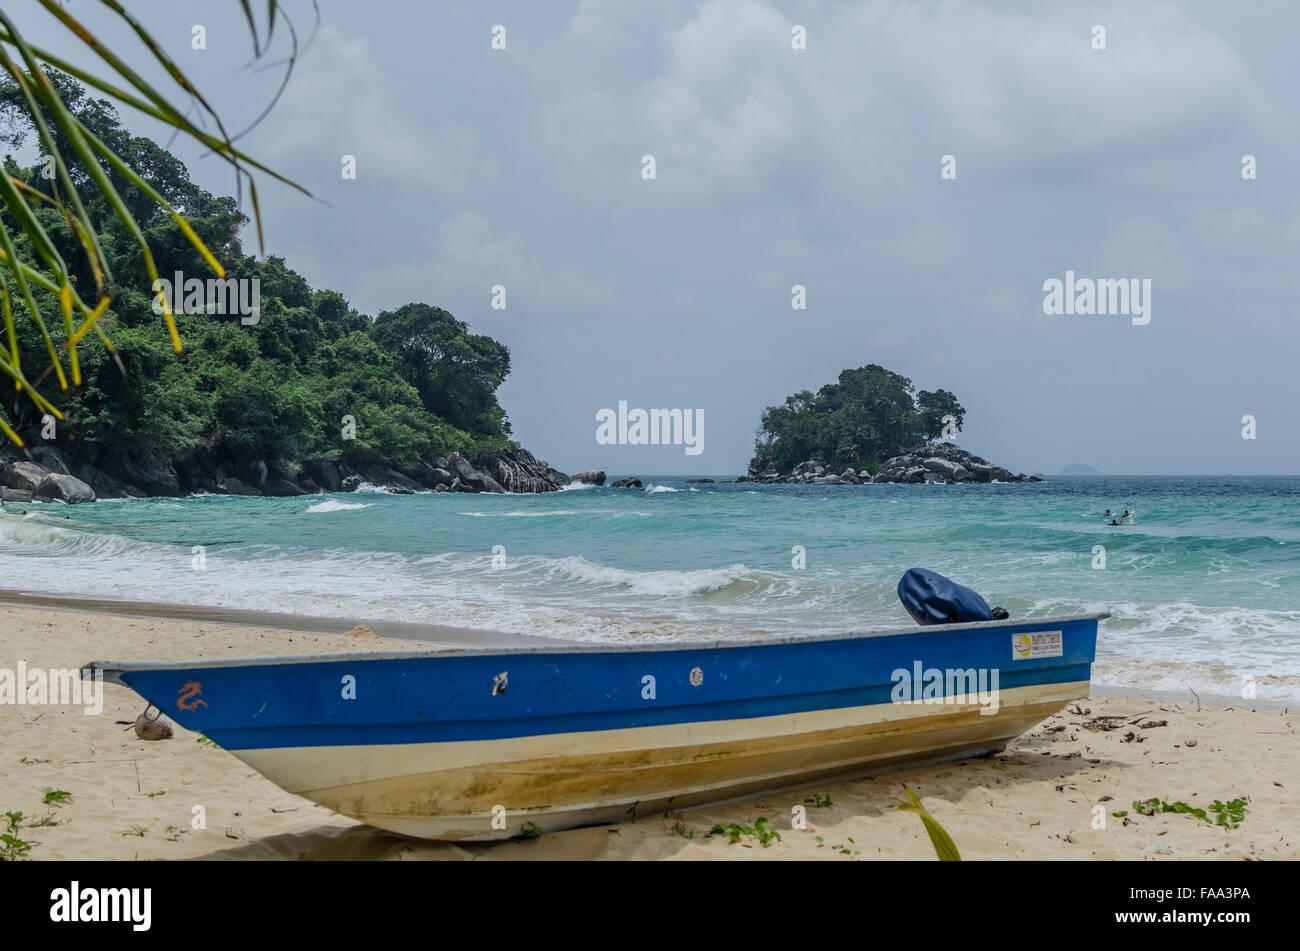 Beach in Tioman Island in Malaysia - Stock Image